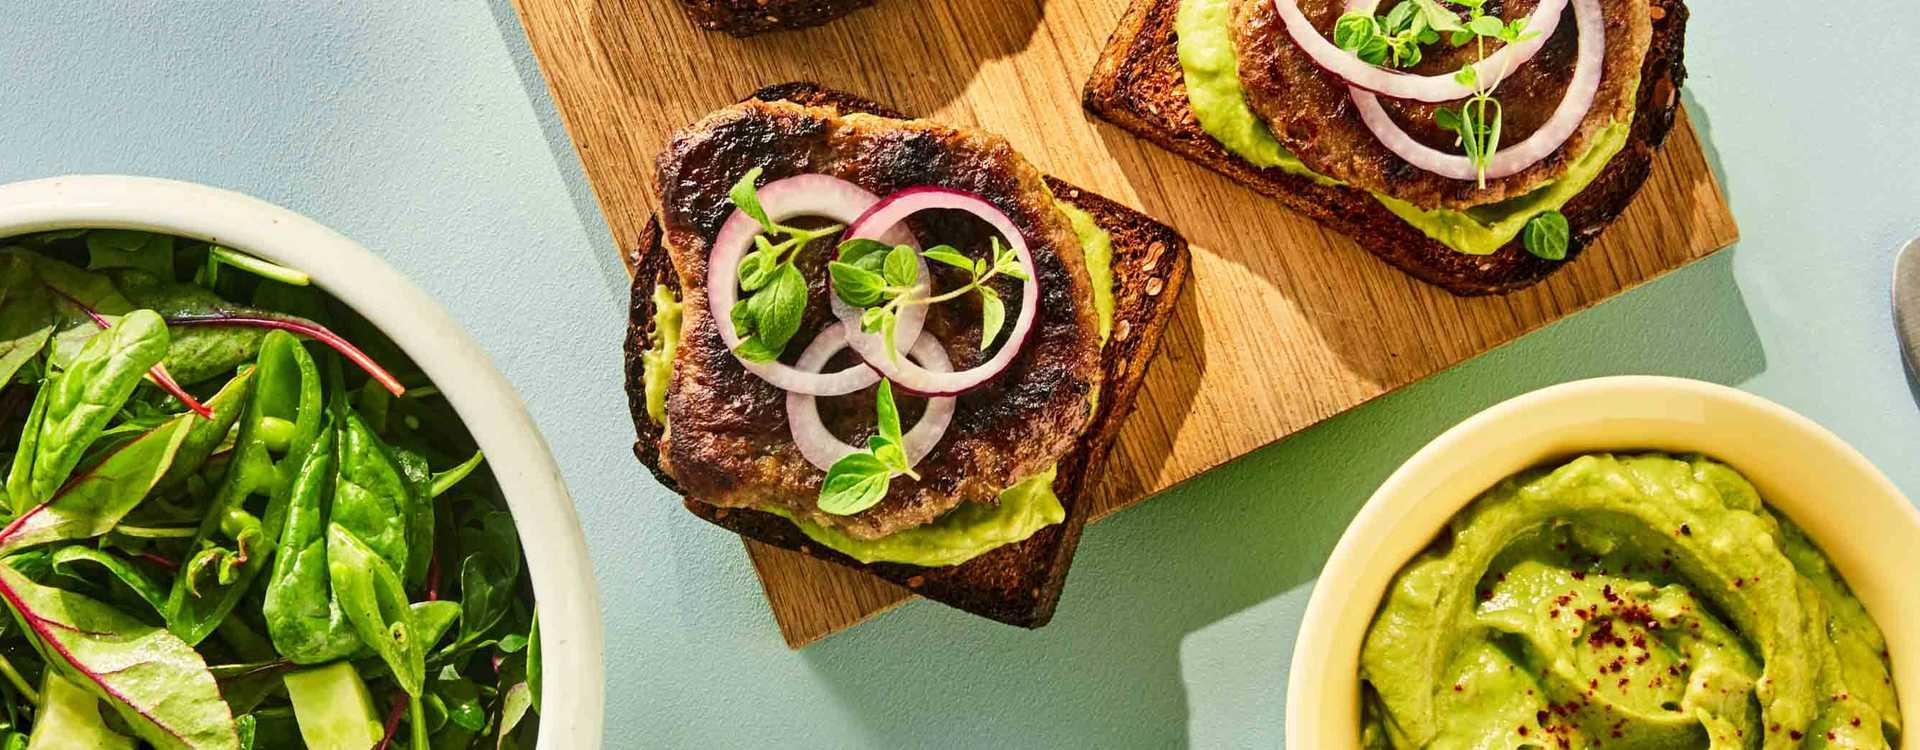 Karbonadesmørbrød med avokadomos og salat